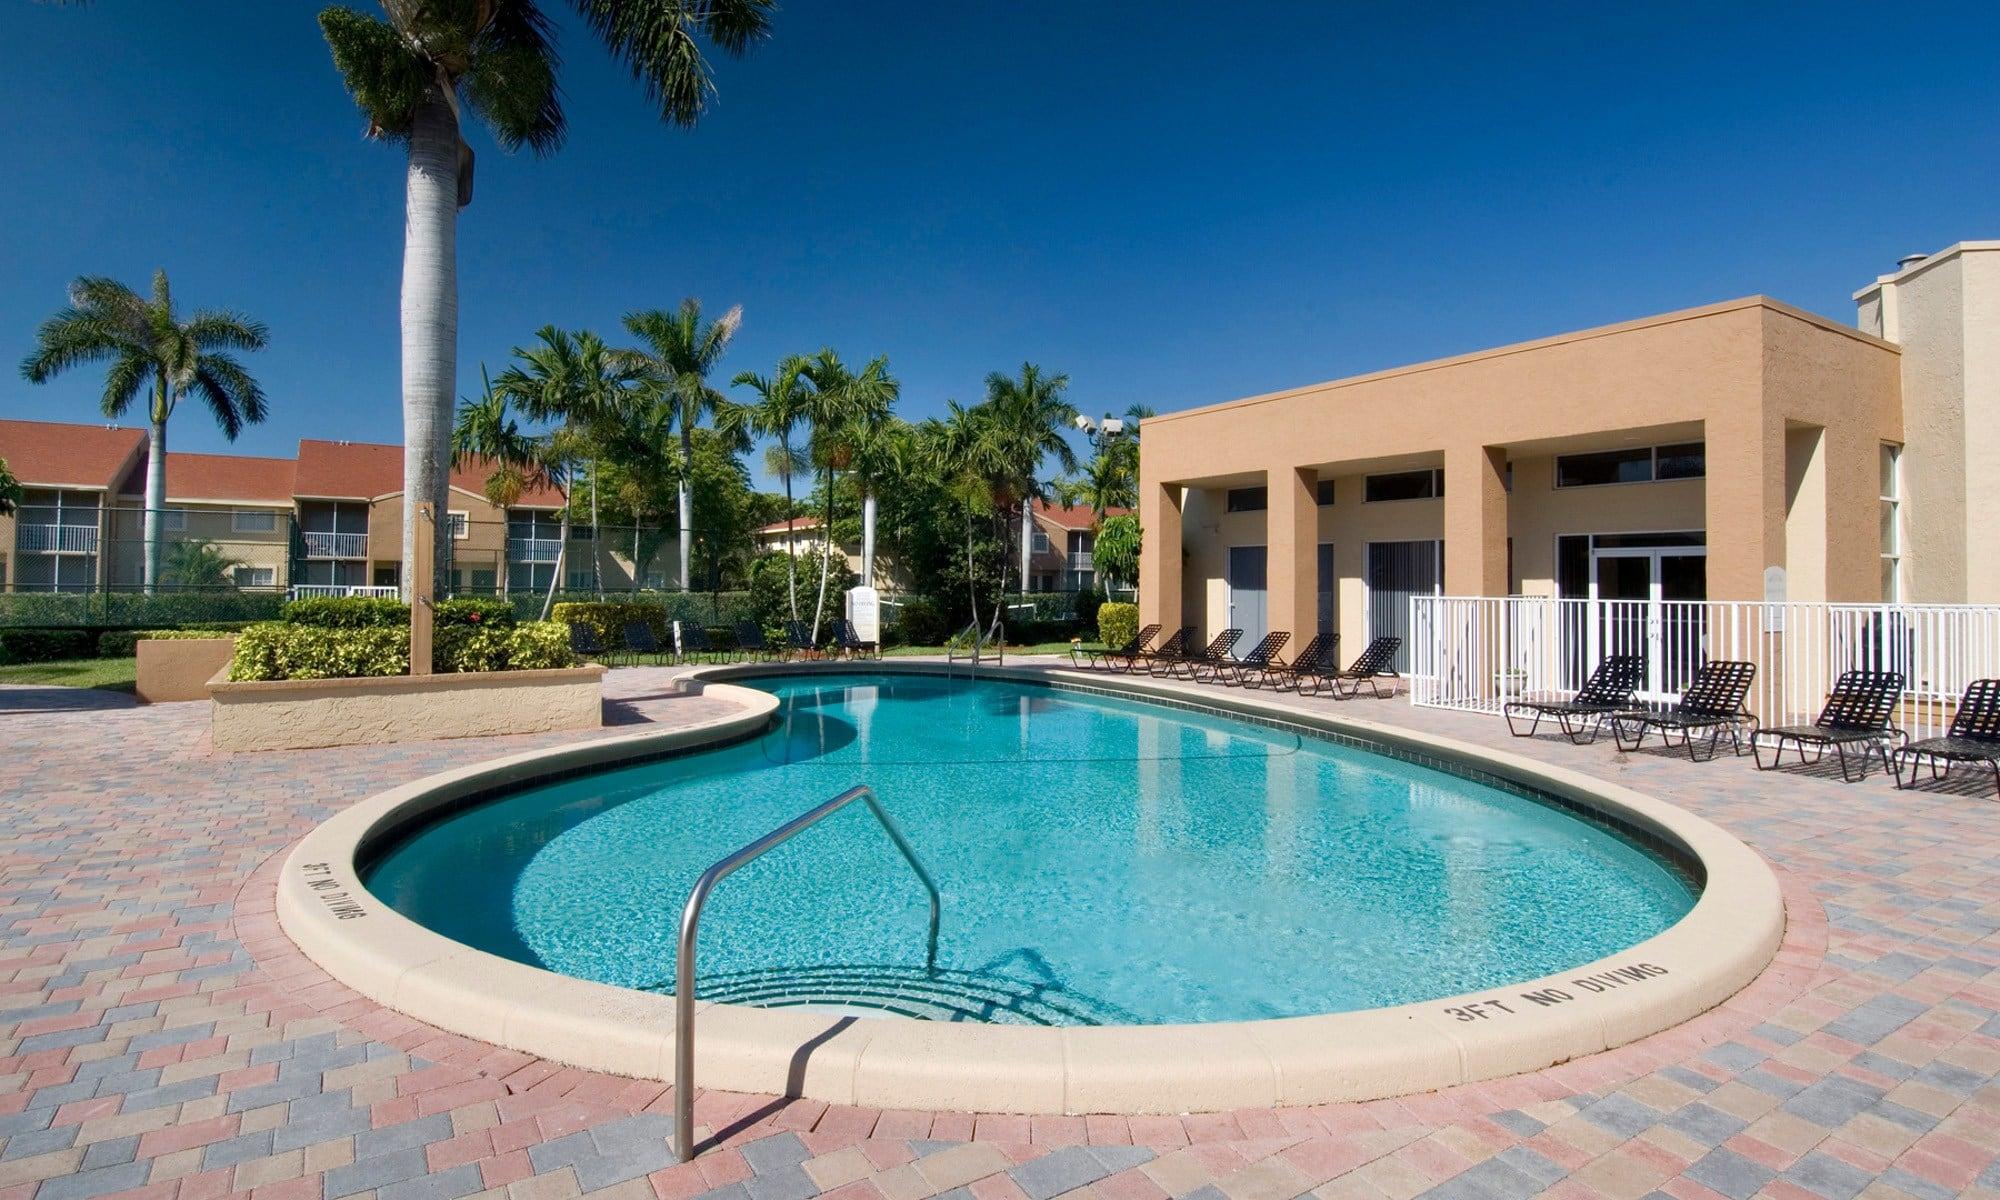 Azalea Village off-campus housing, West Palm Beach, FL ...